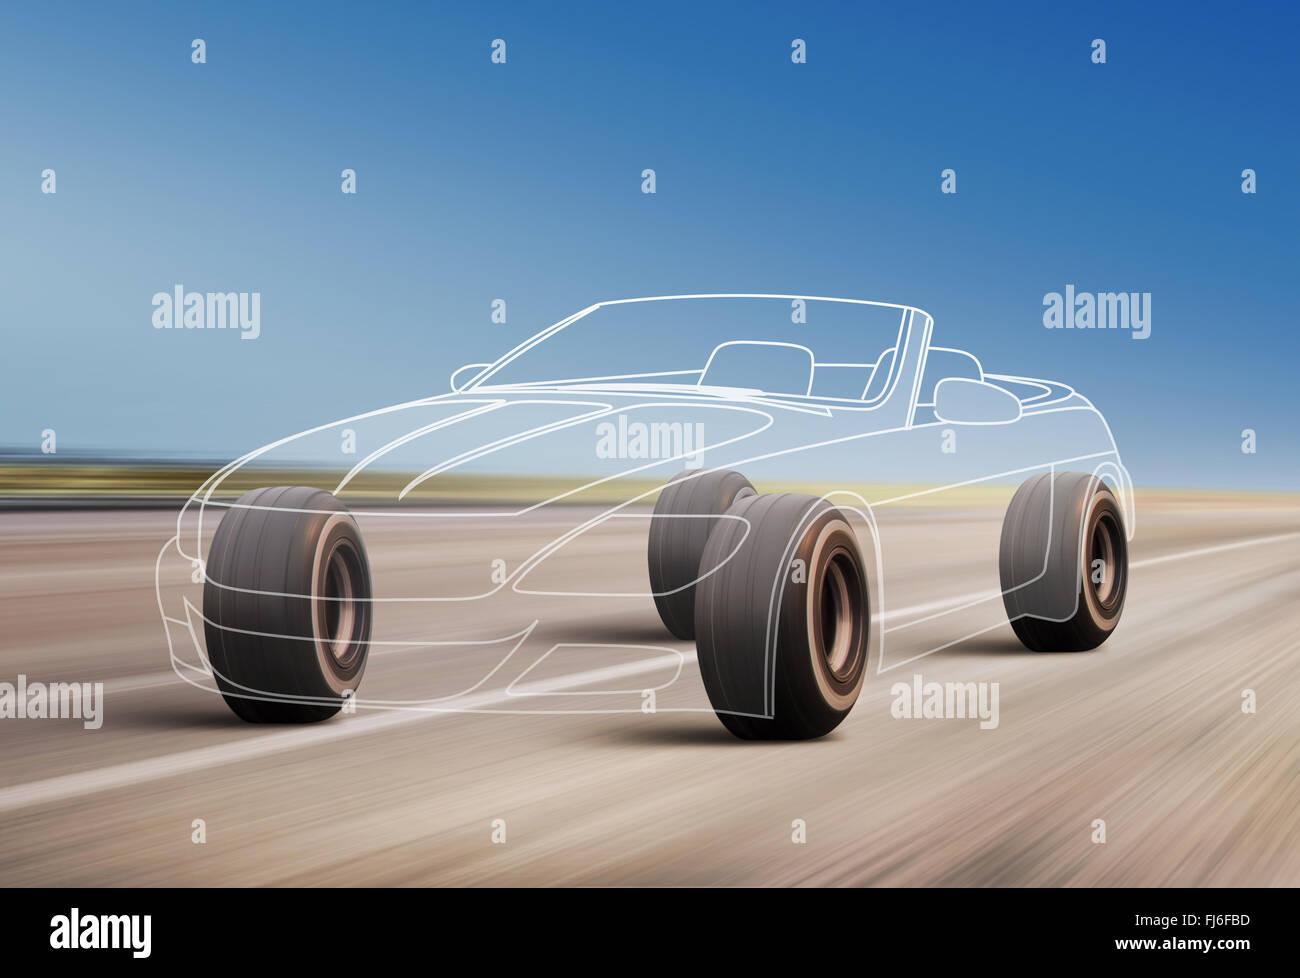 Profilo di auto e ruote precipita sulla strada con alta velocità Immagini Stock